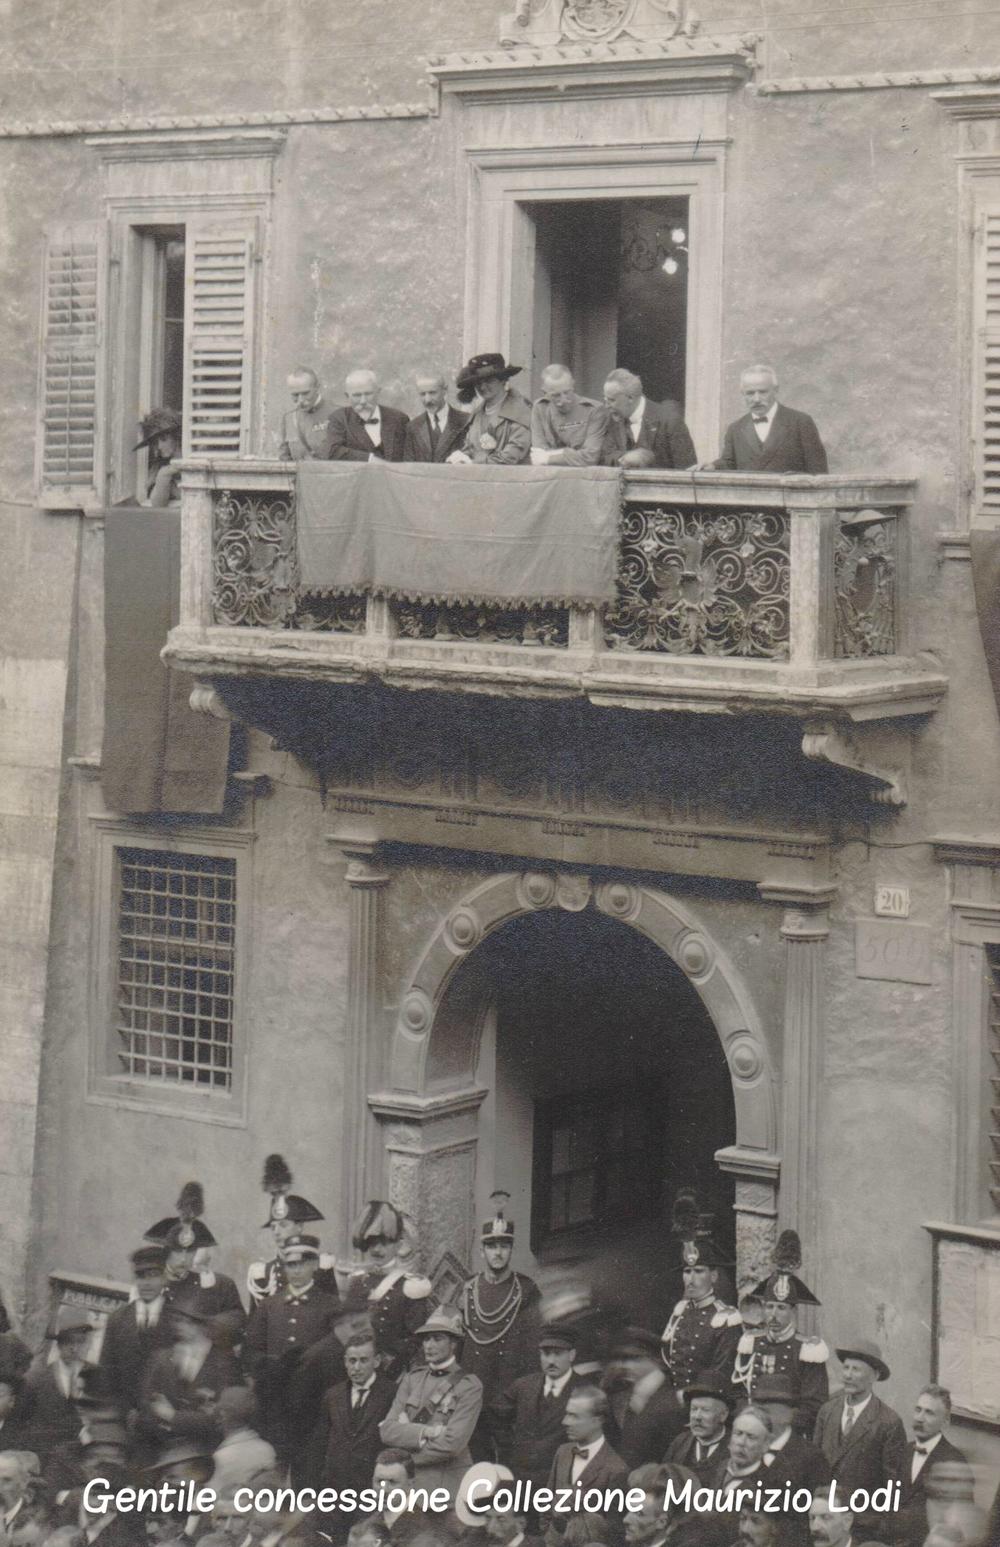 prima visita ufficiale del Reali d'Italia Vittorio Emanuele III e della Regina Elena in Trento Redenta (2) (cc).jpg